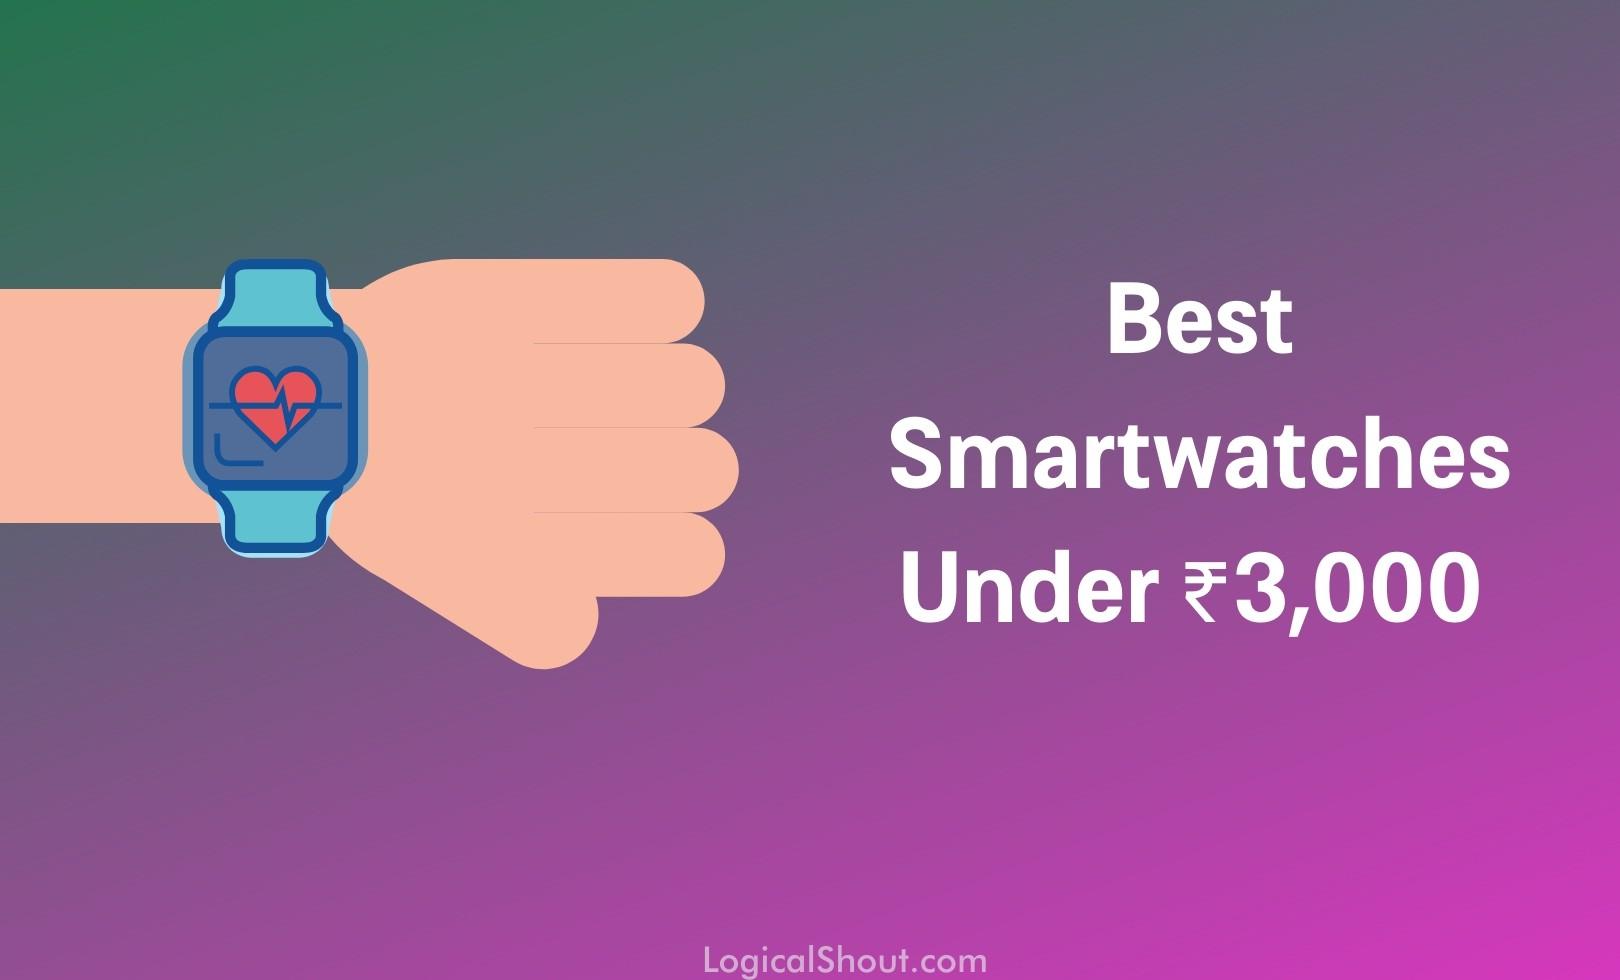 Best Smartwatches Under 3000